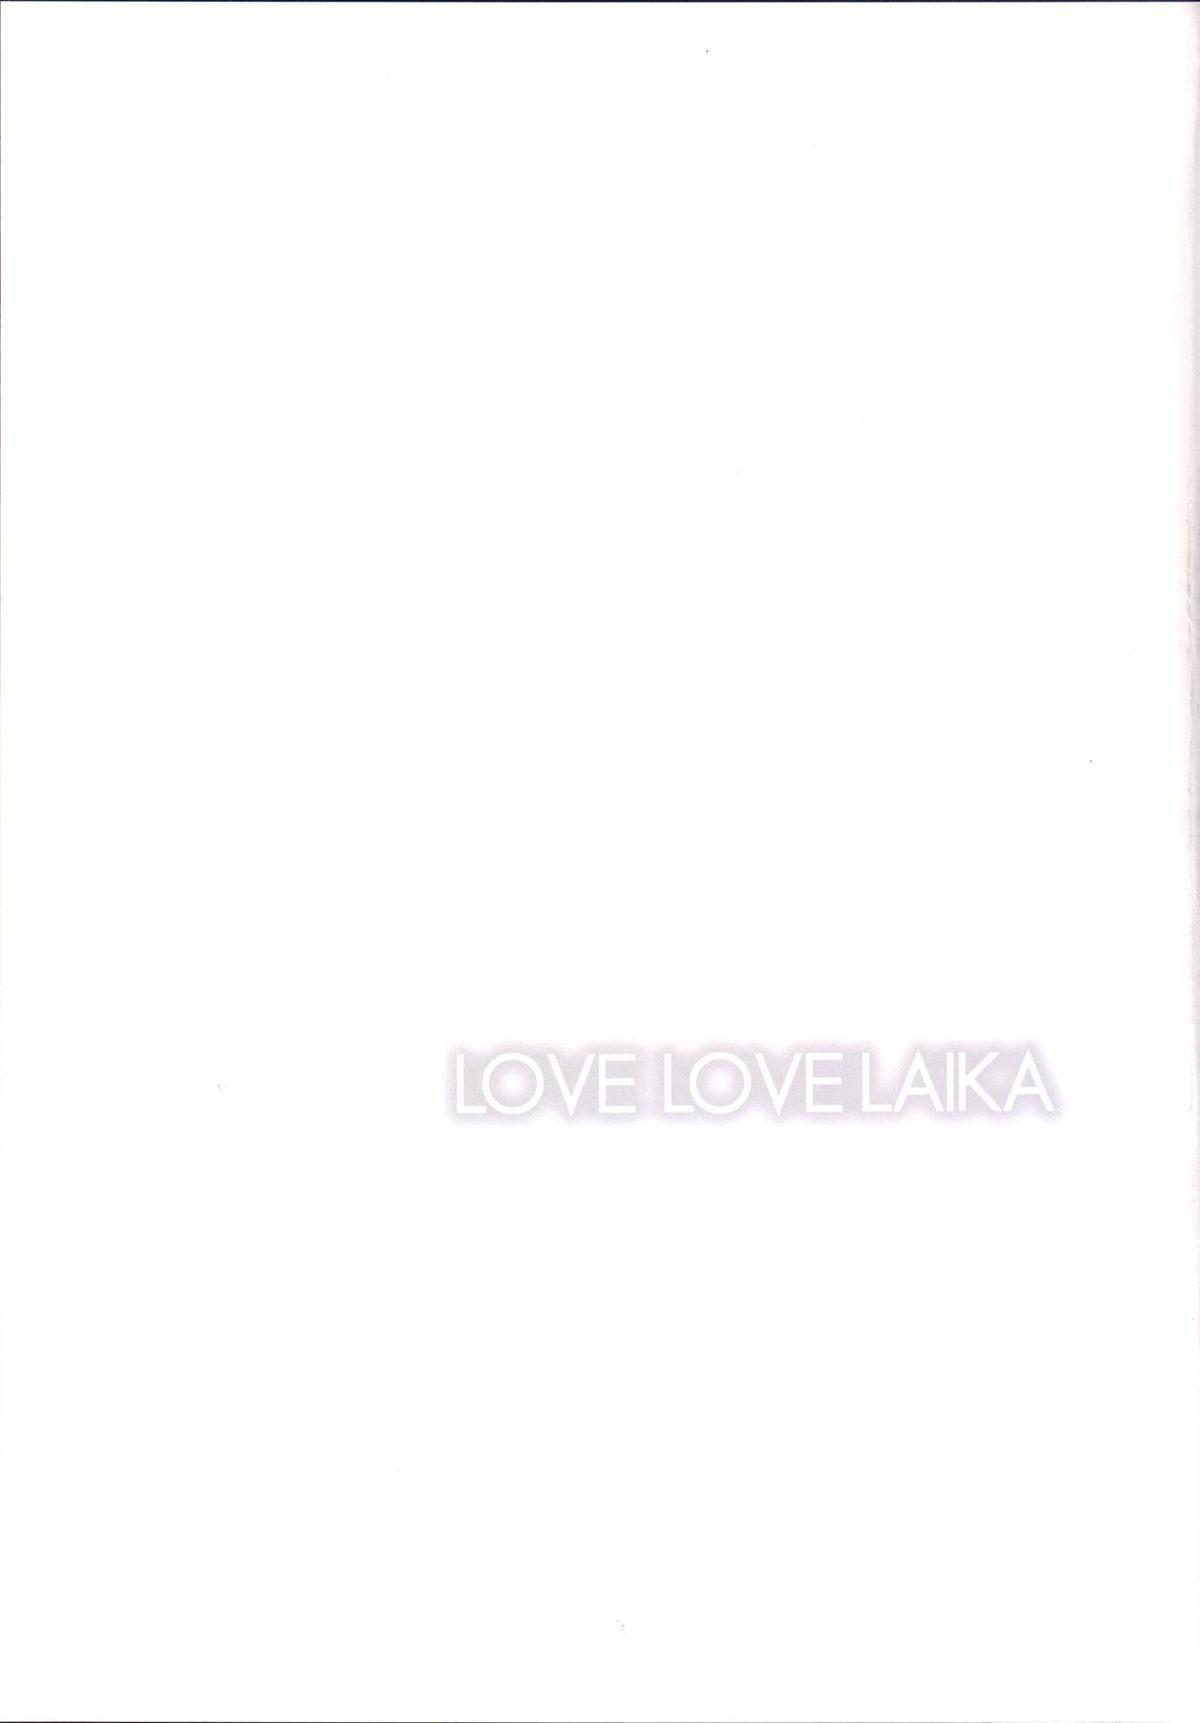 LOVE LOVE LAIKA 23